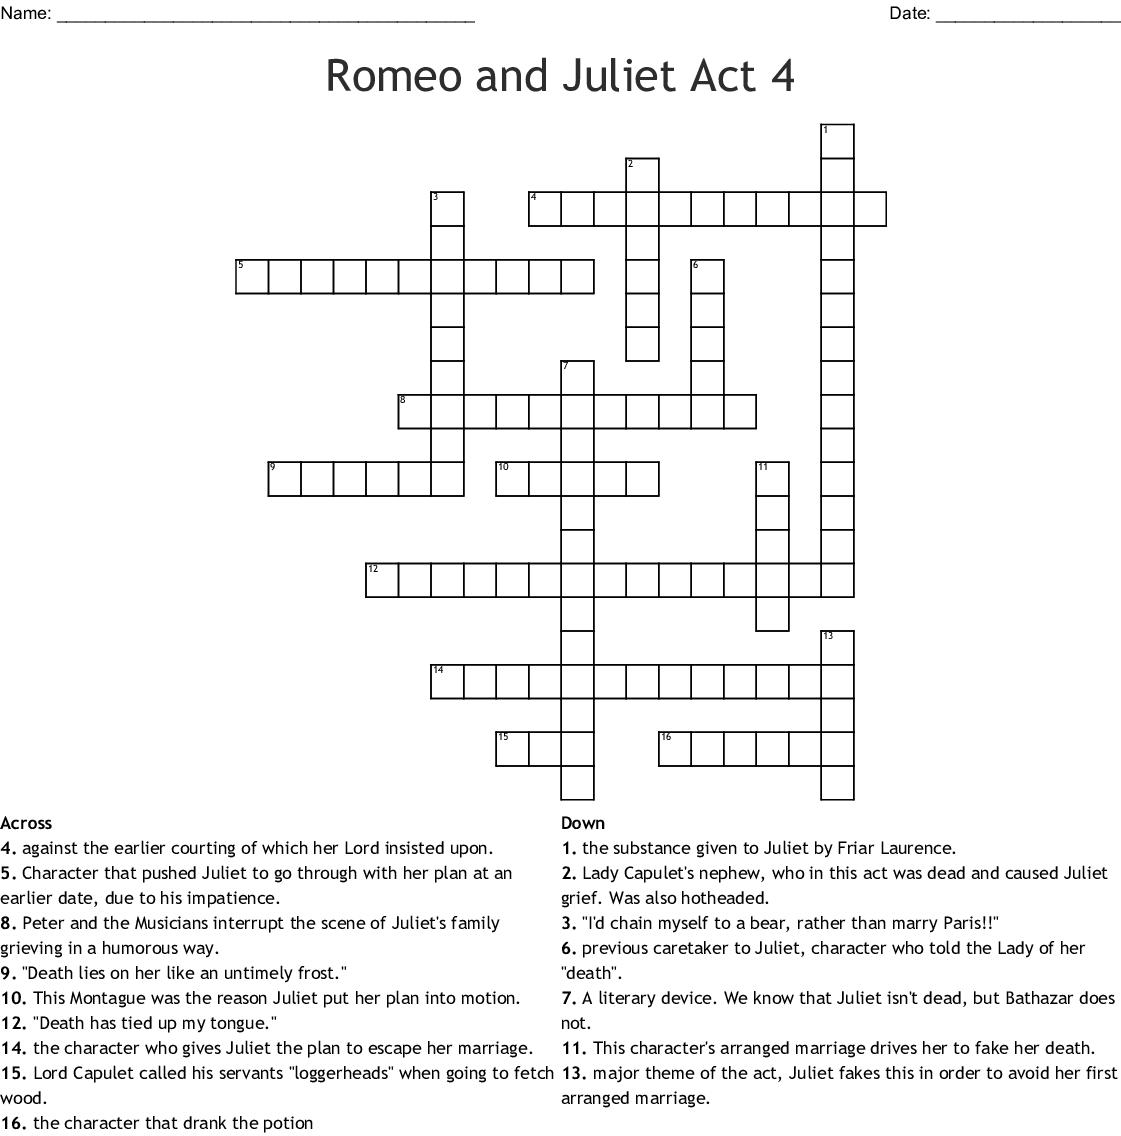 Romeo and Juliet: Act IV Crossword - WordMint